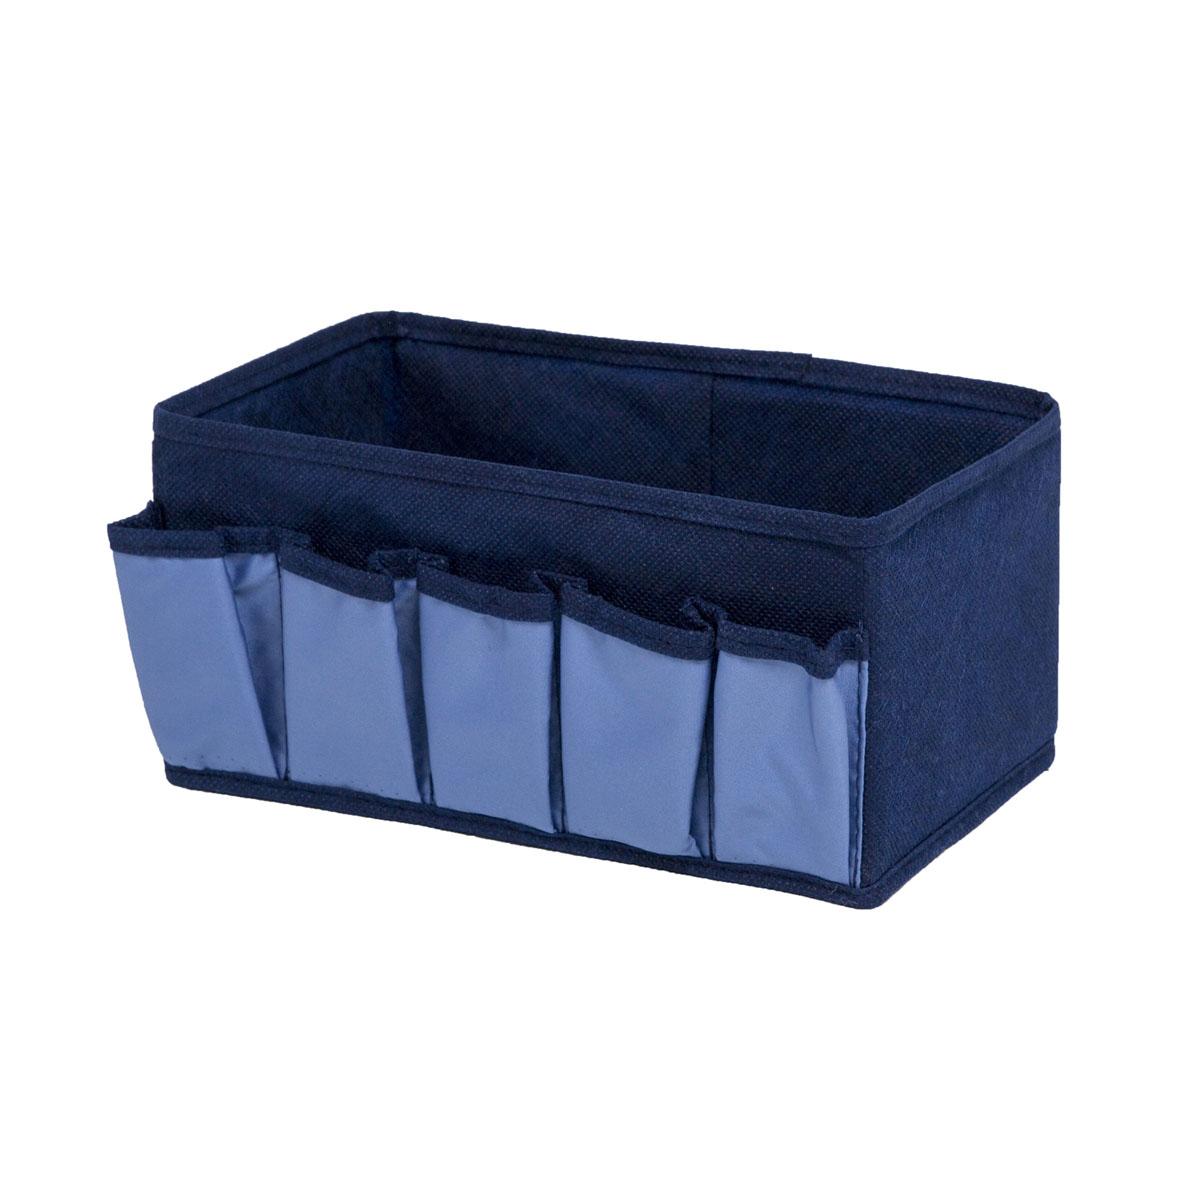 Органайзер для косметики Homsu Bluе Sky, 25 х 15 х 12 смHOM-55Универсальная коробочка для хранения любых вещей. Оптимальный размер позволяет хранить в ней любые вещи и предметы. Фактический цвет может отличаться от заявленного.